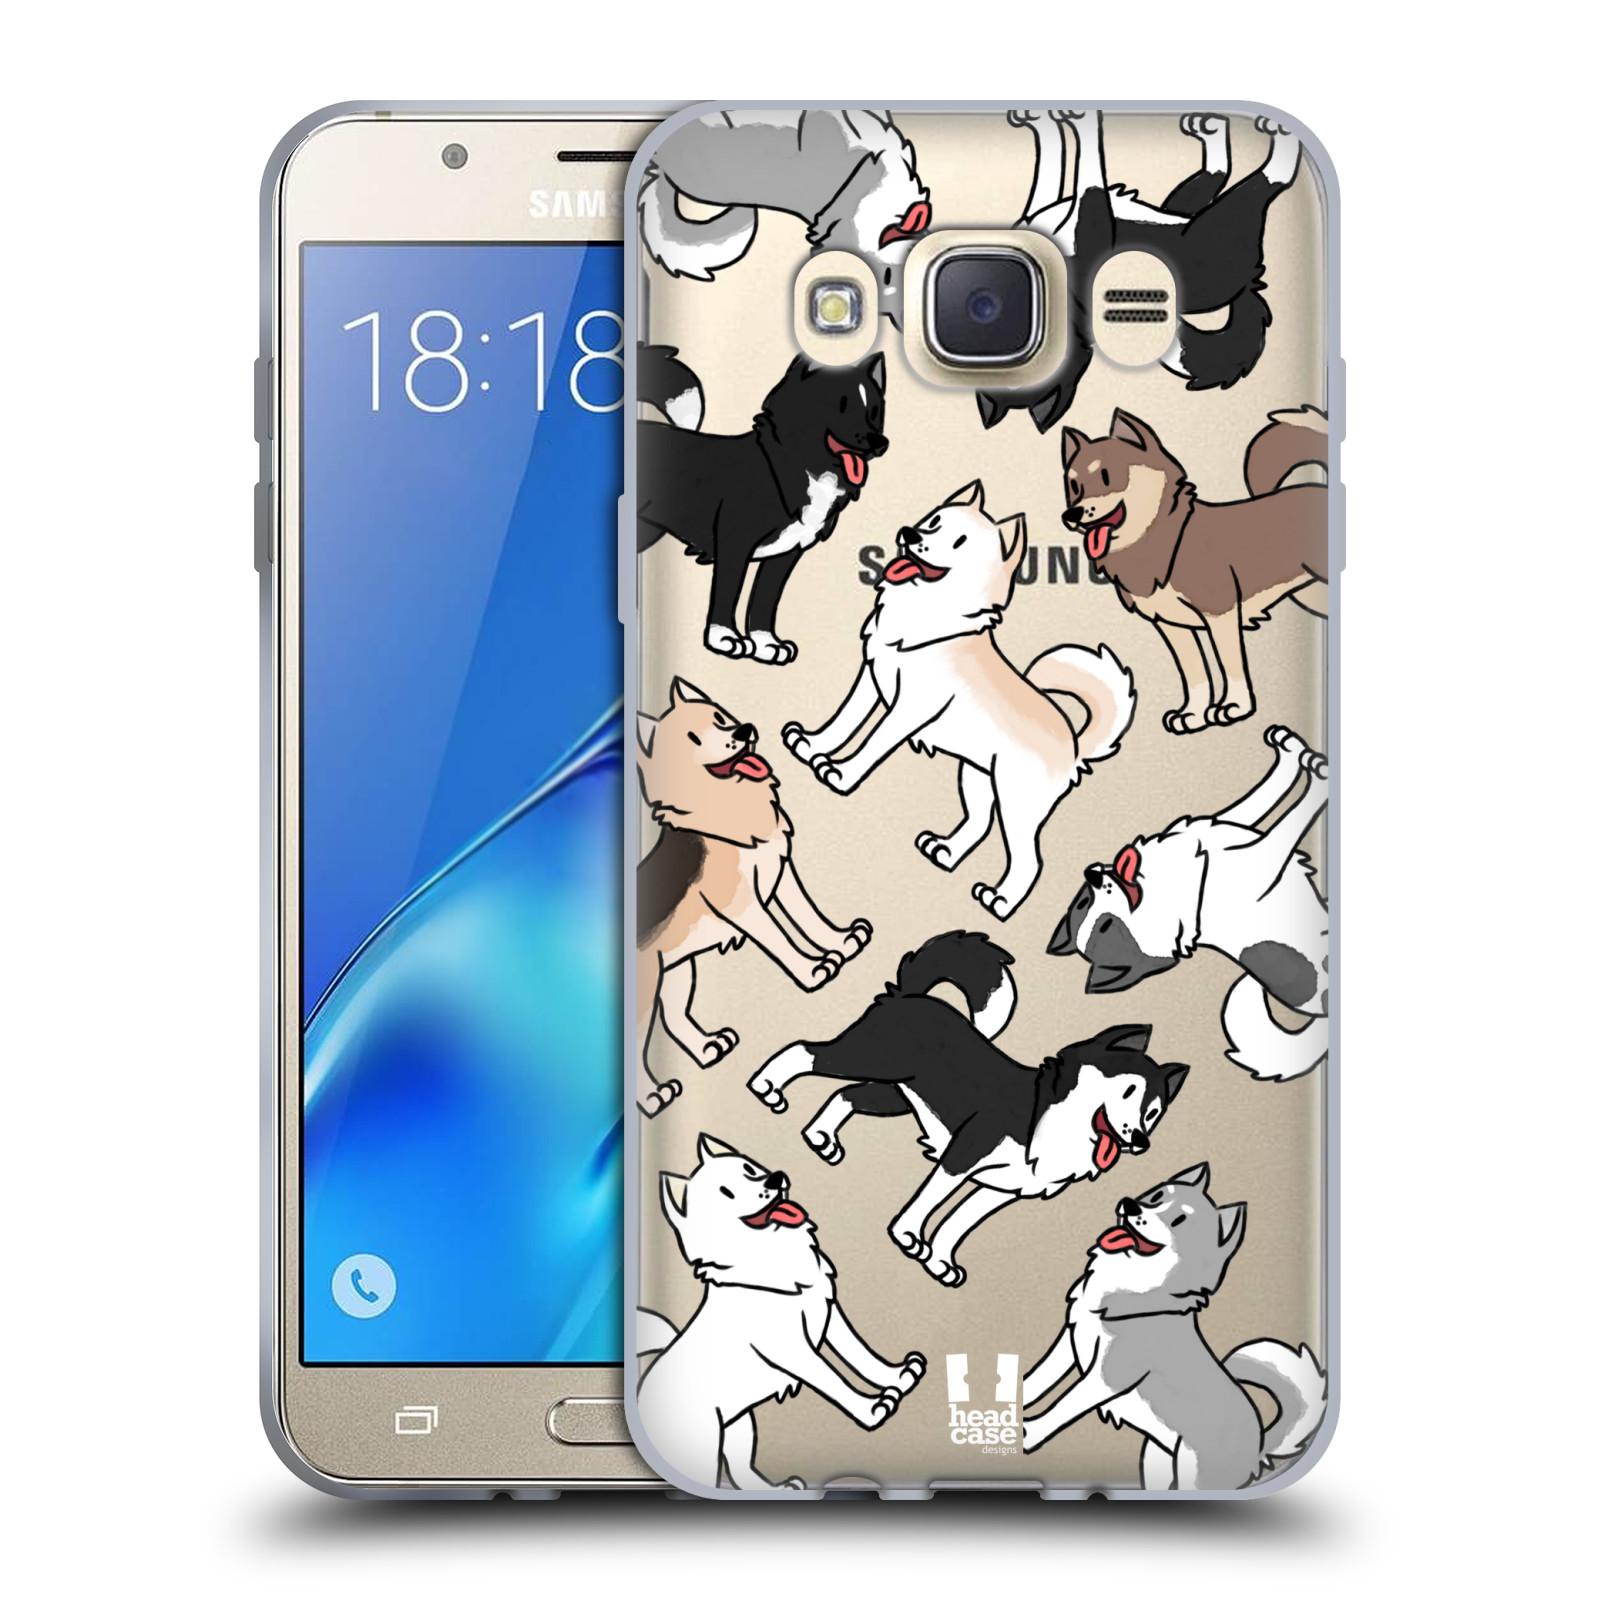 HEAD CASE silikonový obal na mobil Samsung Galaxy J7 2016 pejsek Sibiřský husky